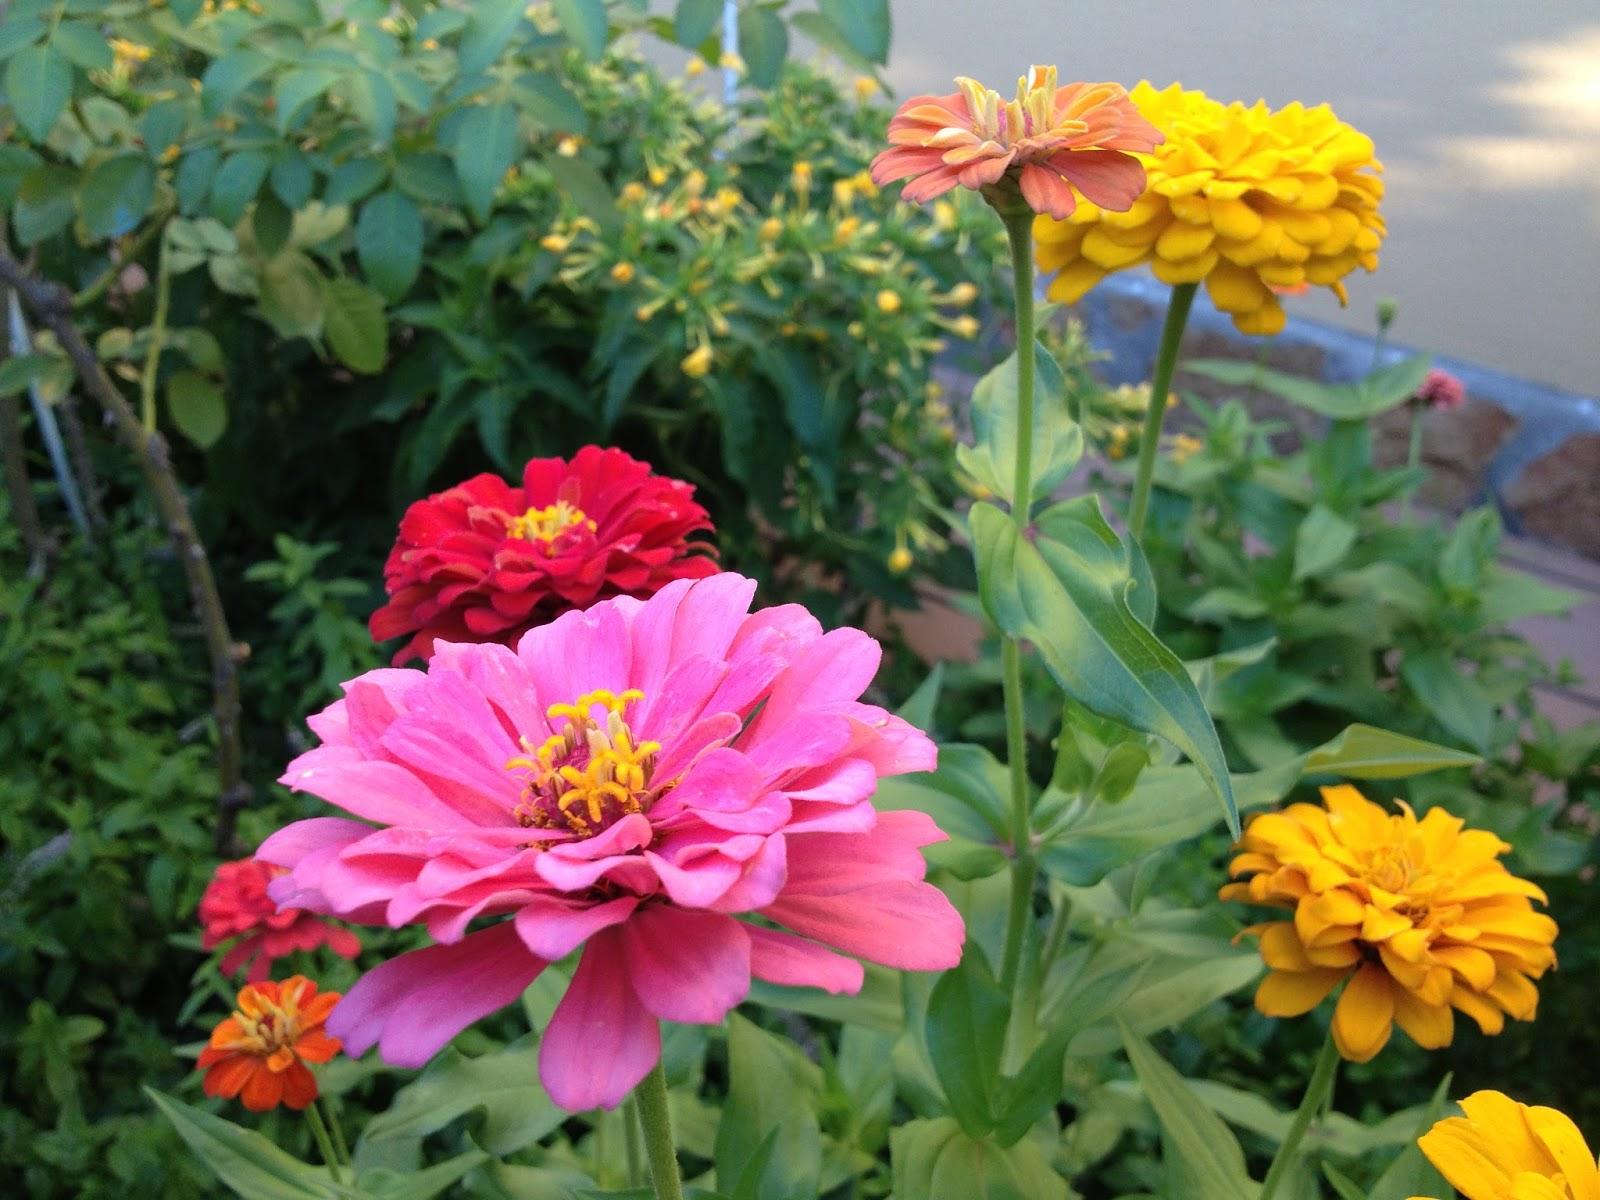 Imagenes guapas con flores y plantas 5ª parte